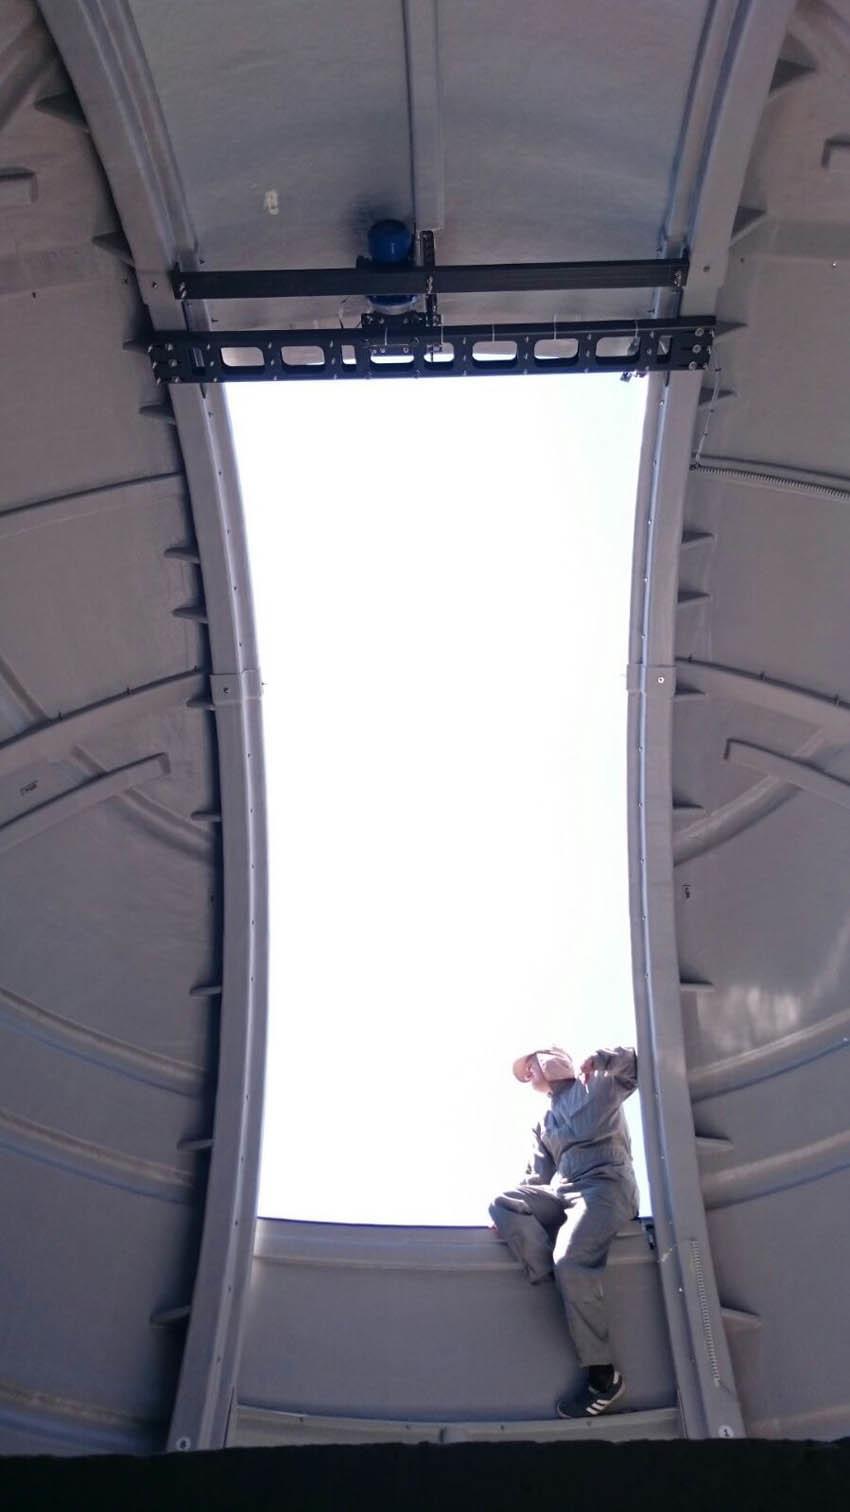 «Космонавты» в Чили: как мы делали всю ИТ-инфраструктуру для четырех телескопов в Андах - 20